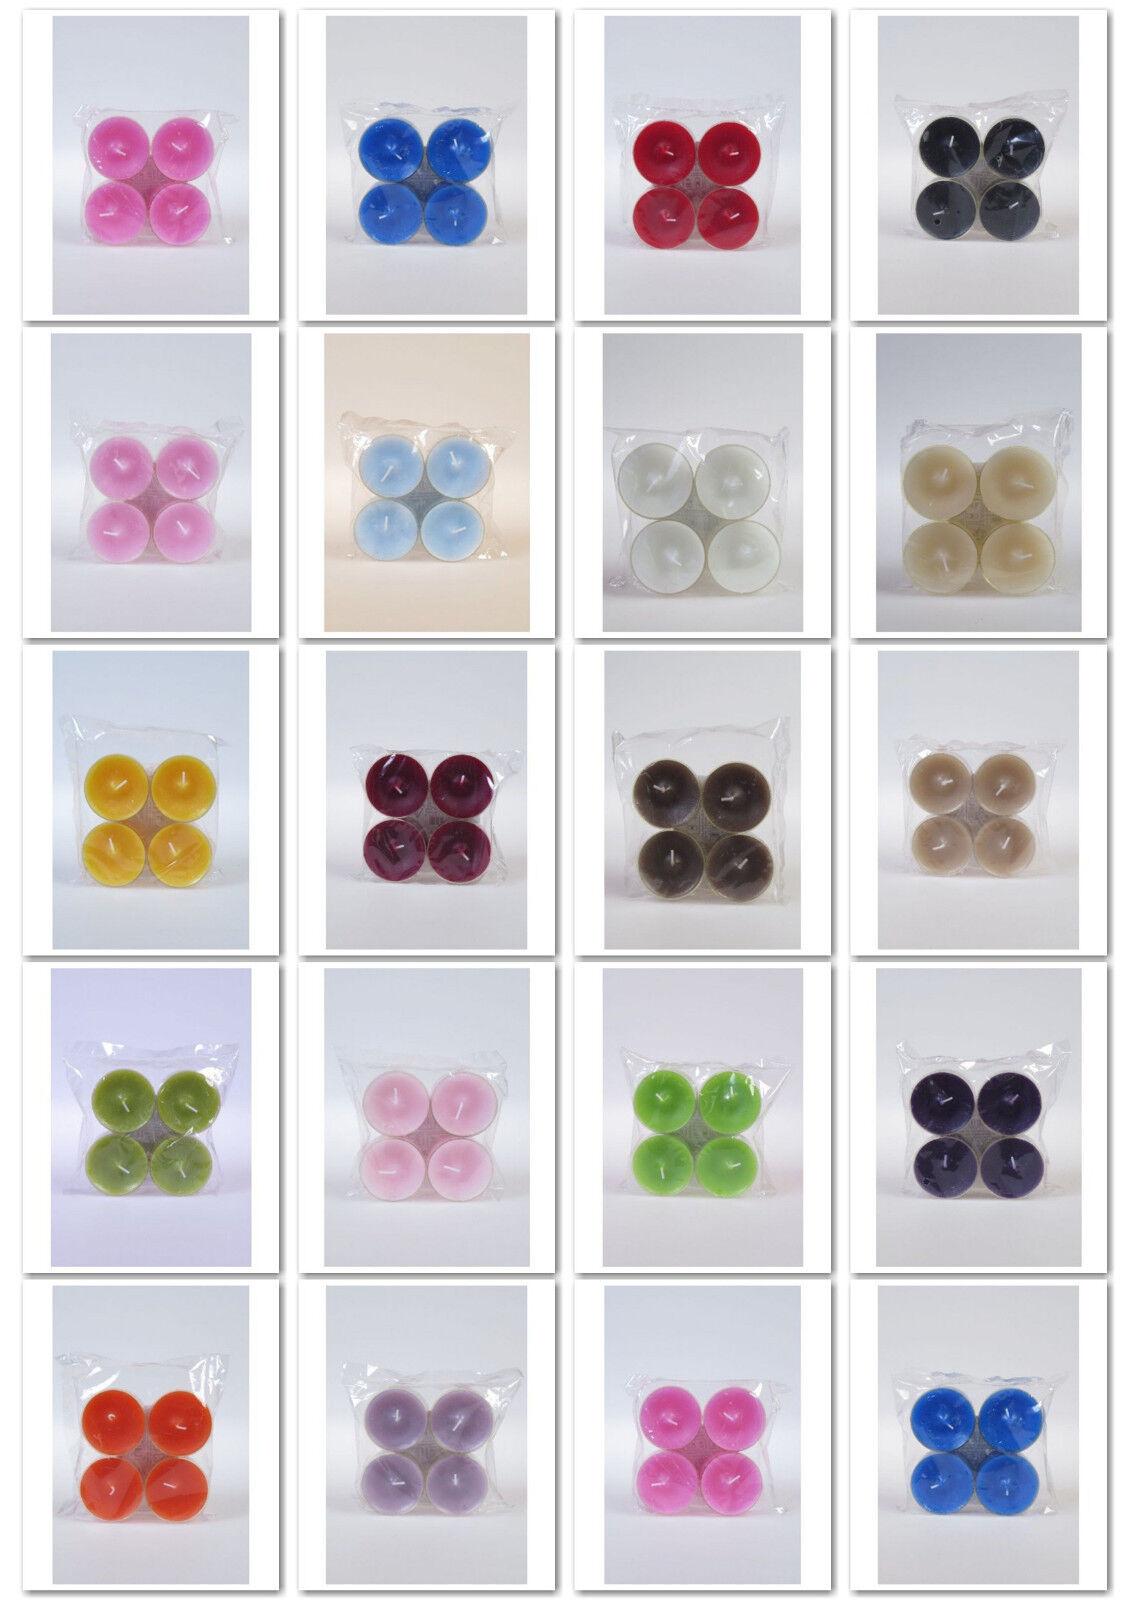 4 dänische Maxiteelichter - große Teelichter im Acrylcup ohne Duft  18 Farben